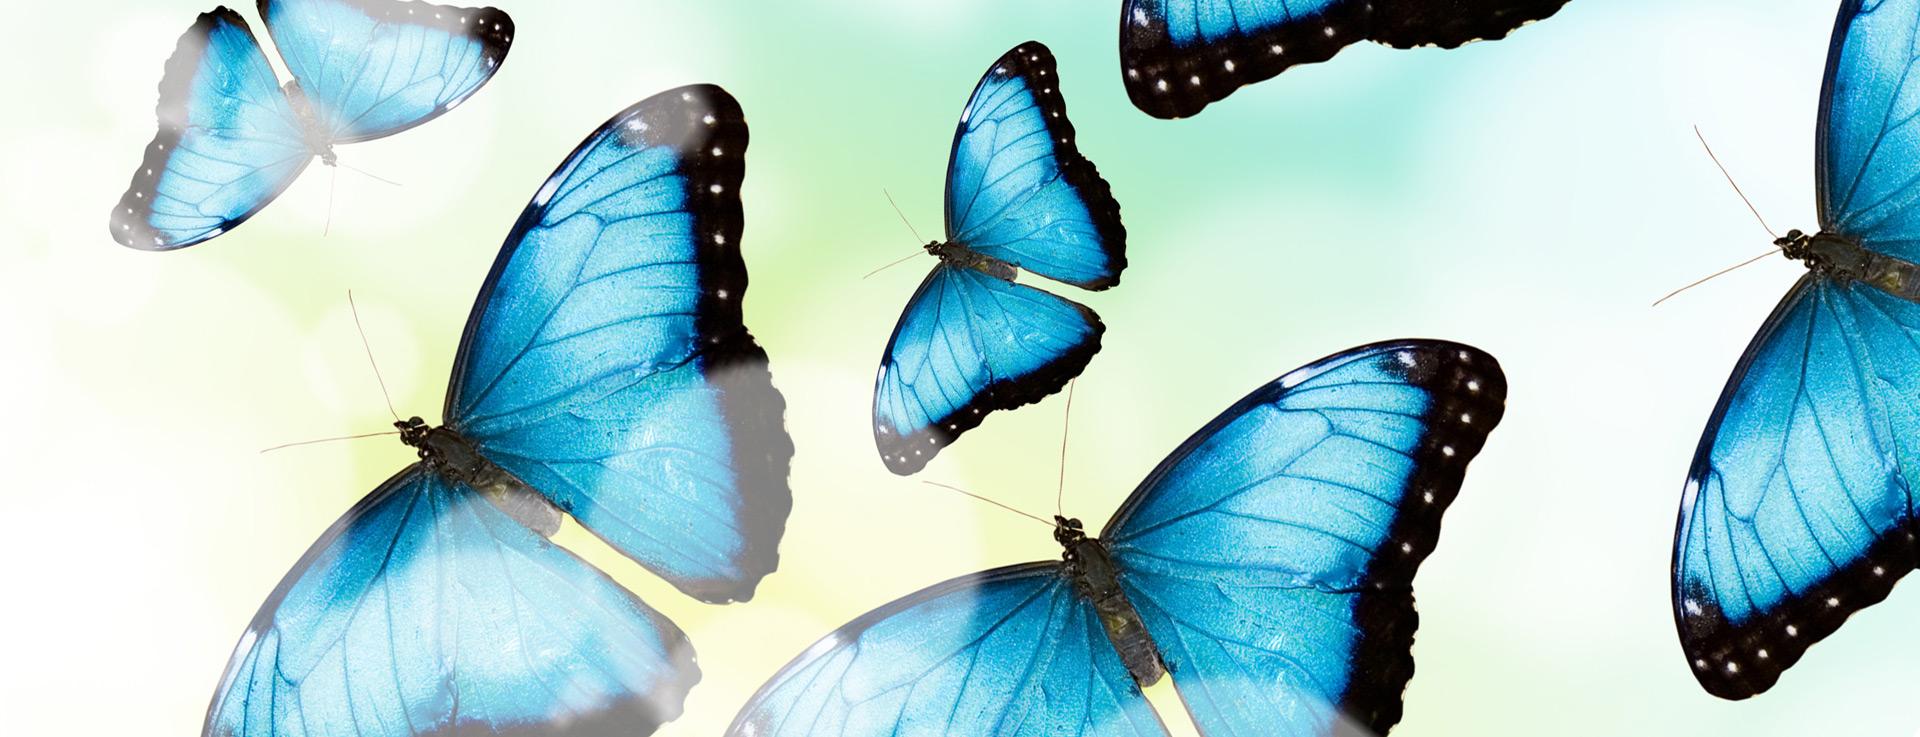 Papillons bleus de l'Institut Krysalide de Nyon